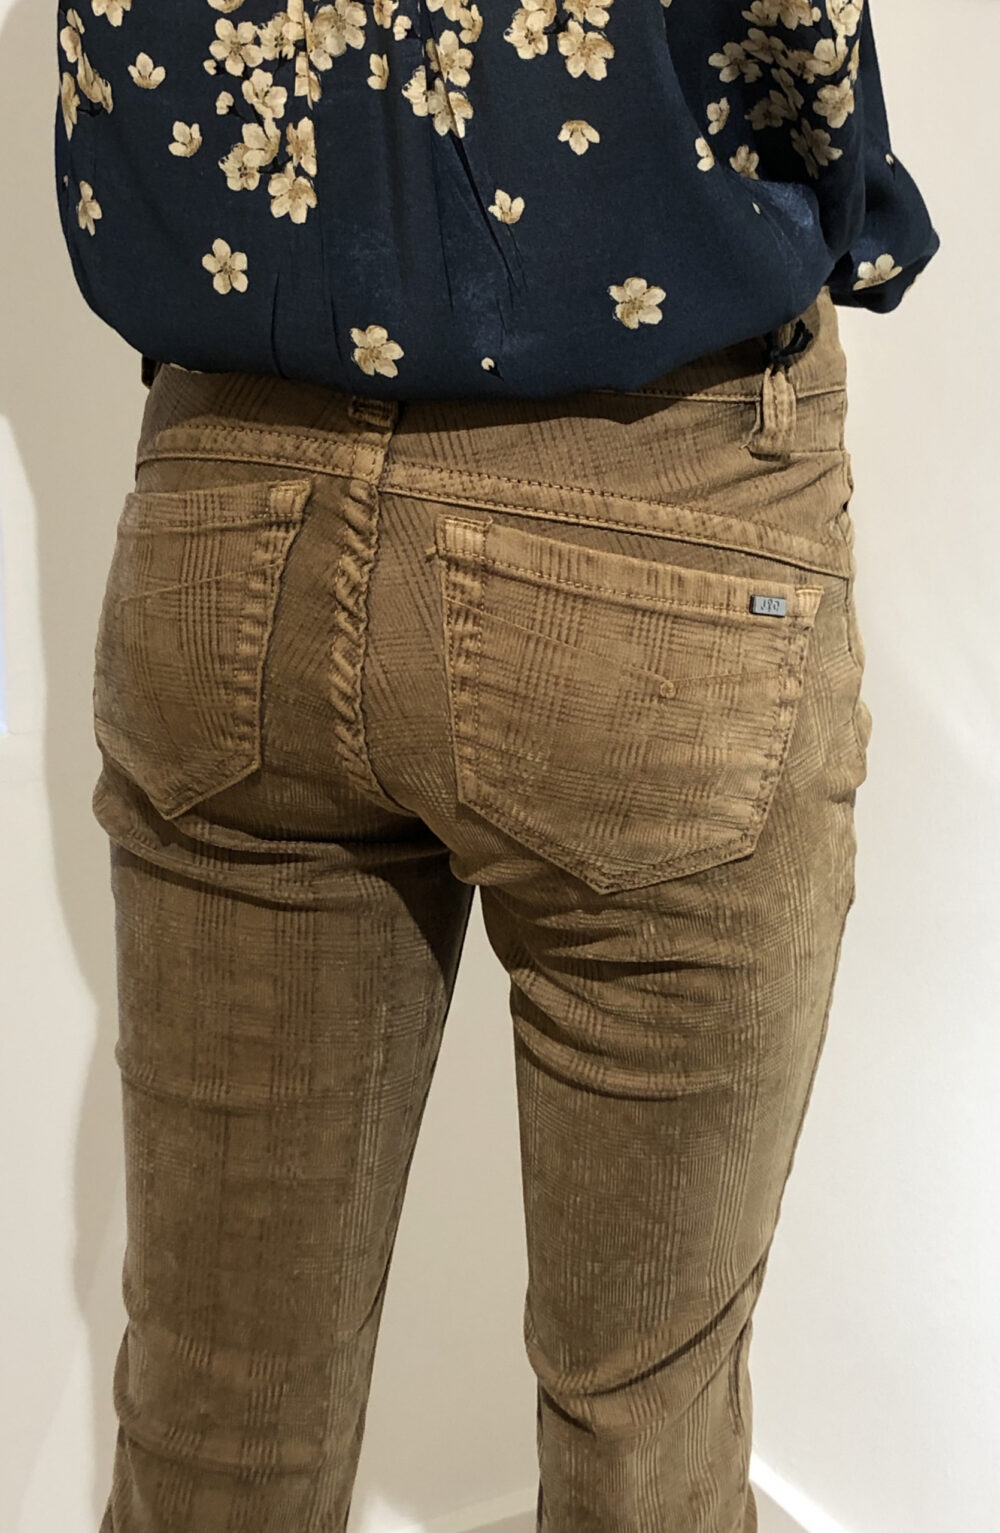 Jonny Q bukser Penelope cognac farvet 1 scaled